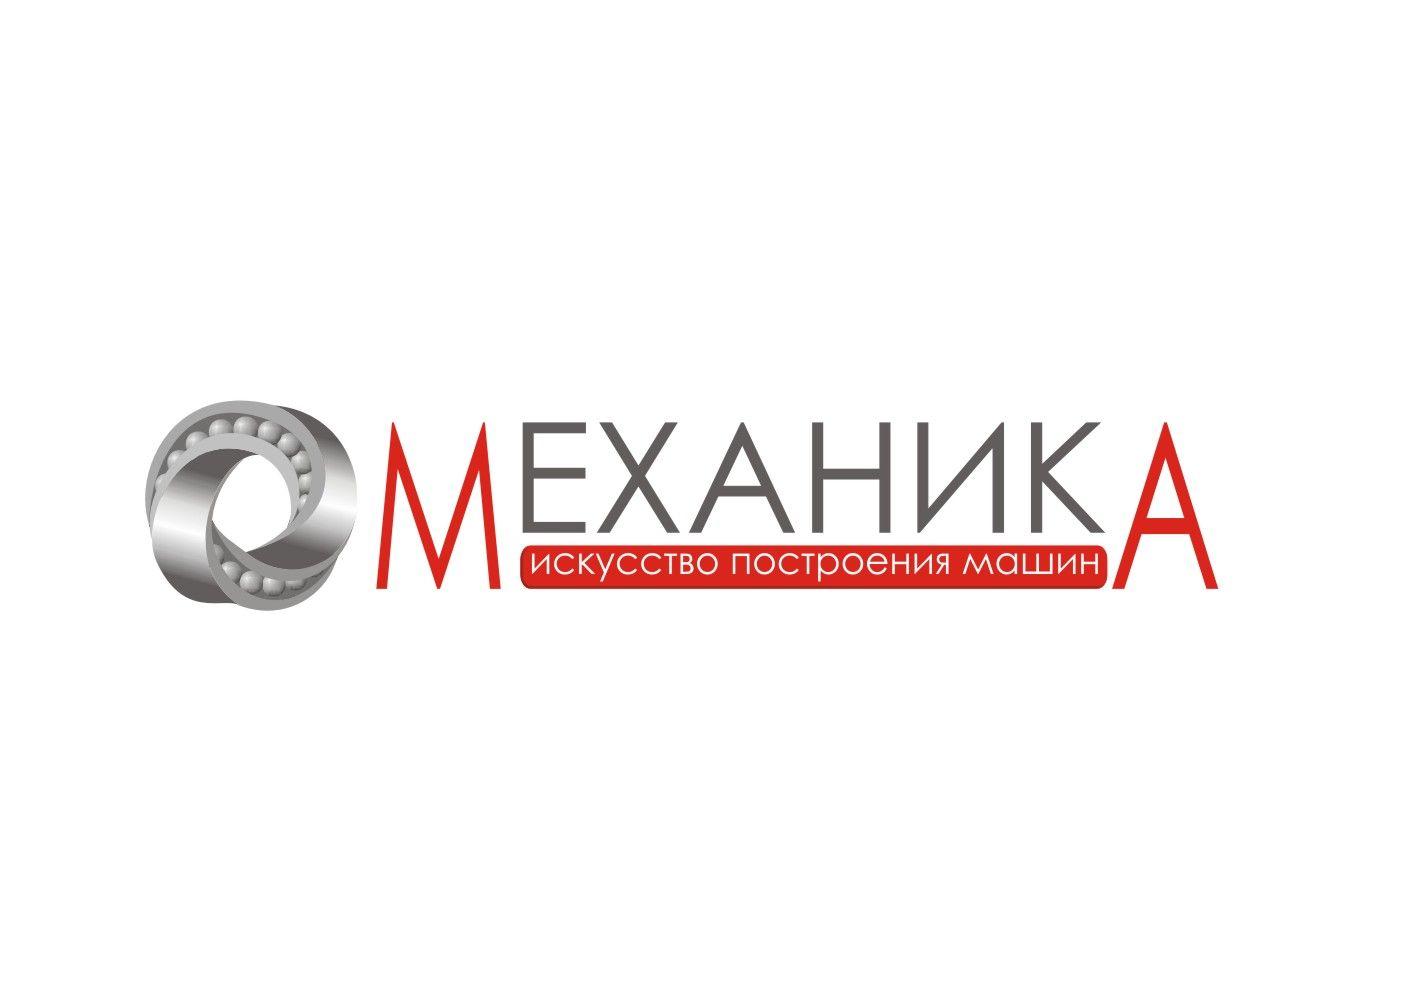 Логотип для магазина автозапчасти 'Механика' - дизайнер Mlada88